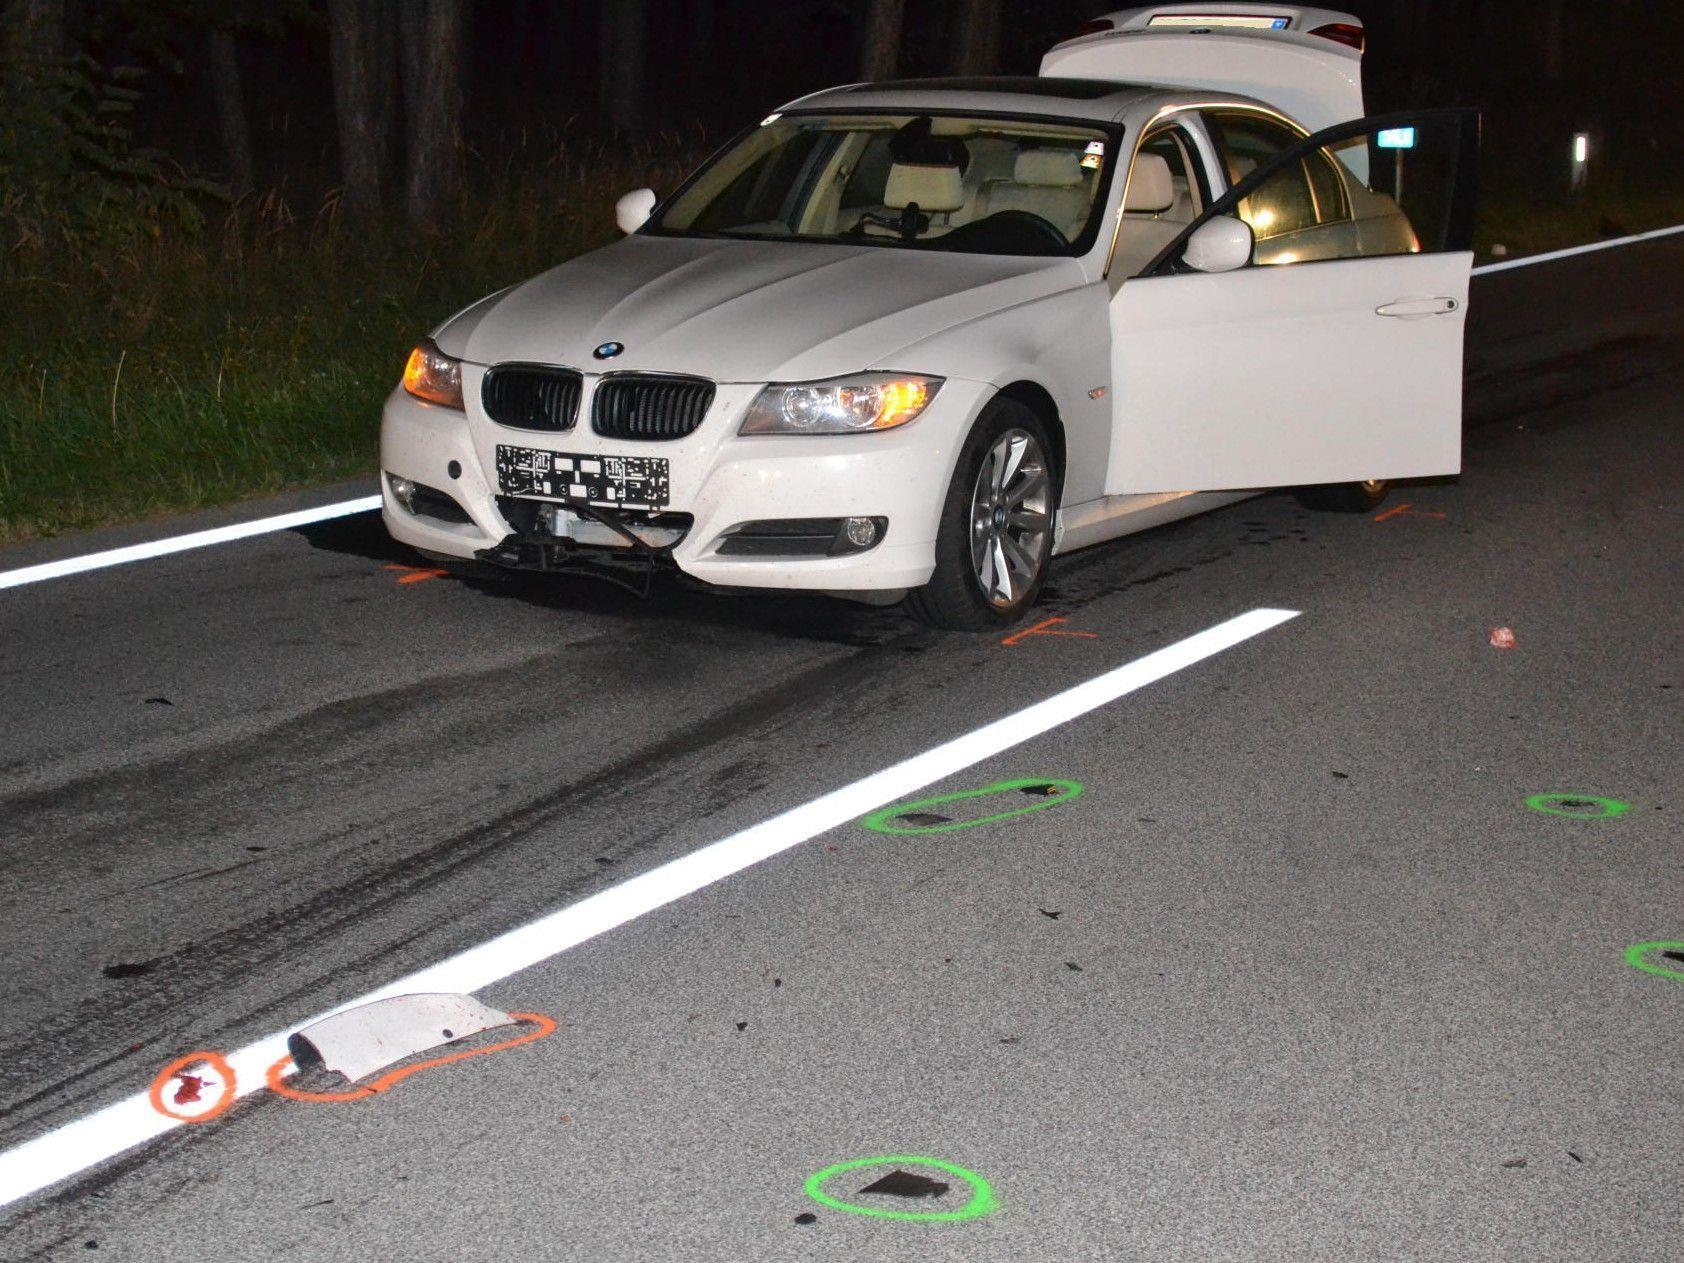 Der Unfallwagen auf der B17 im Bezirk Neunkirchen